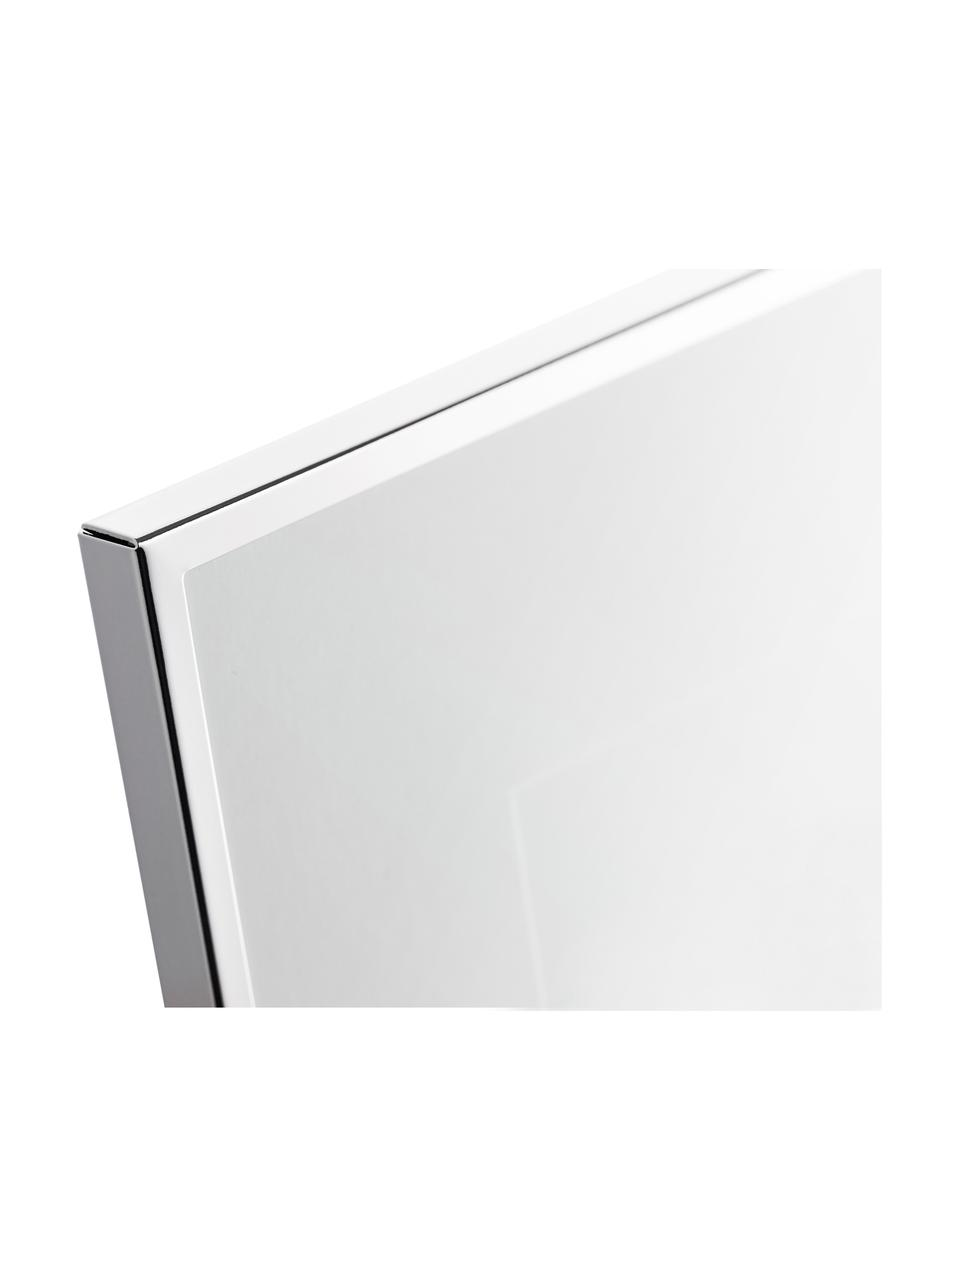 Cornice da tavolo dorata Memento, Cornice: metallo nichelato, Retro: legno, velluto, Argento, Larg. 21 x Alt. 26 cm